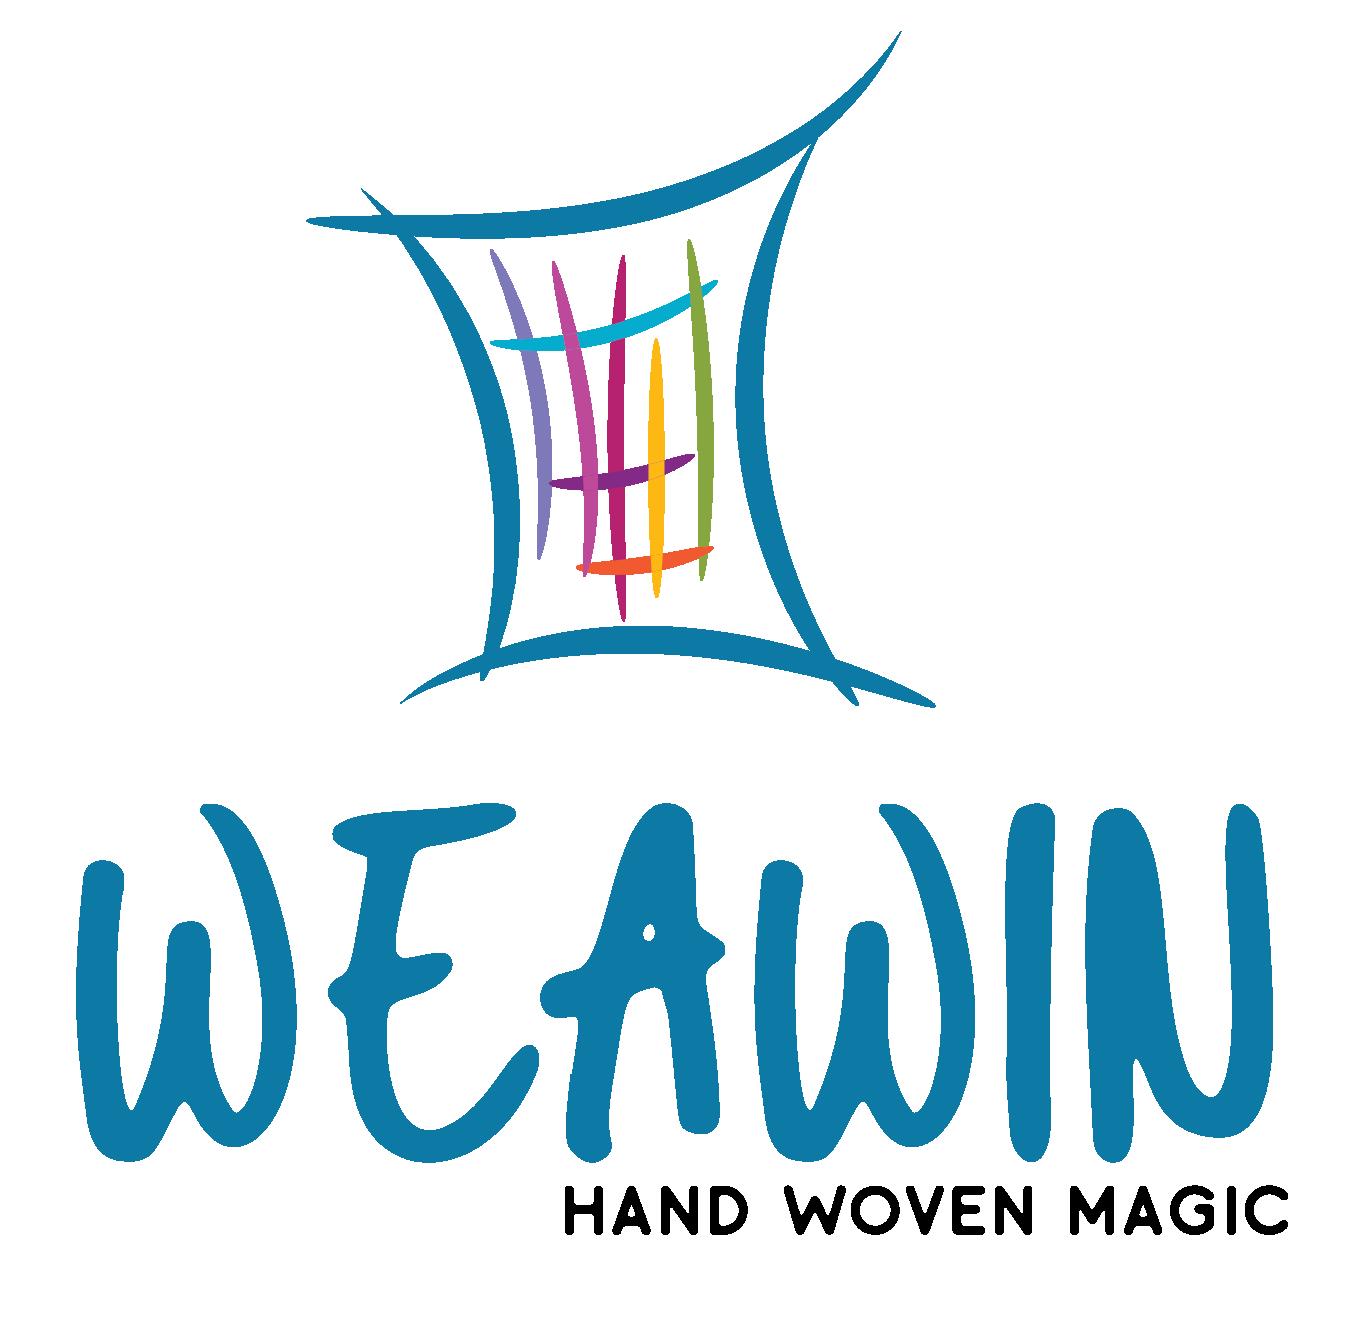 Weawin